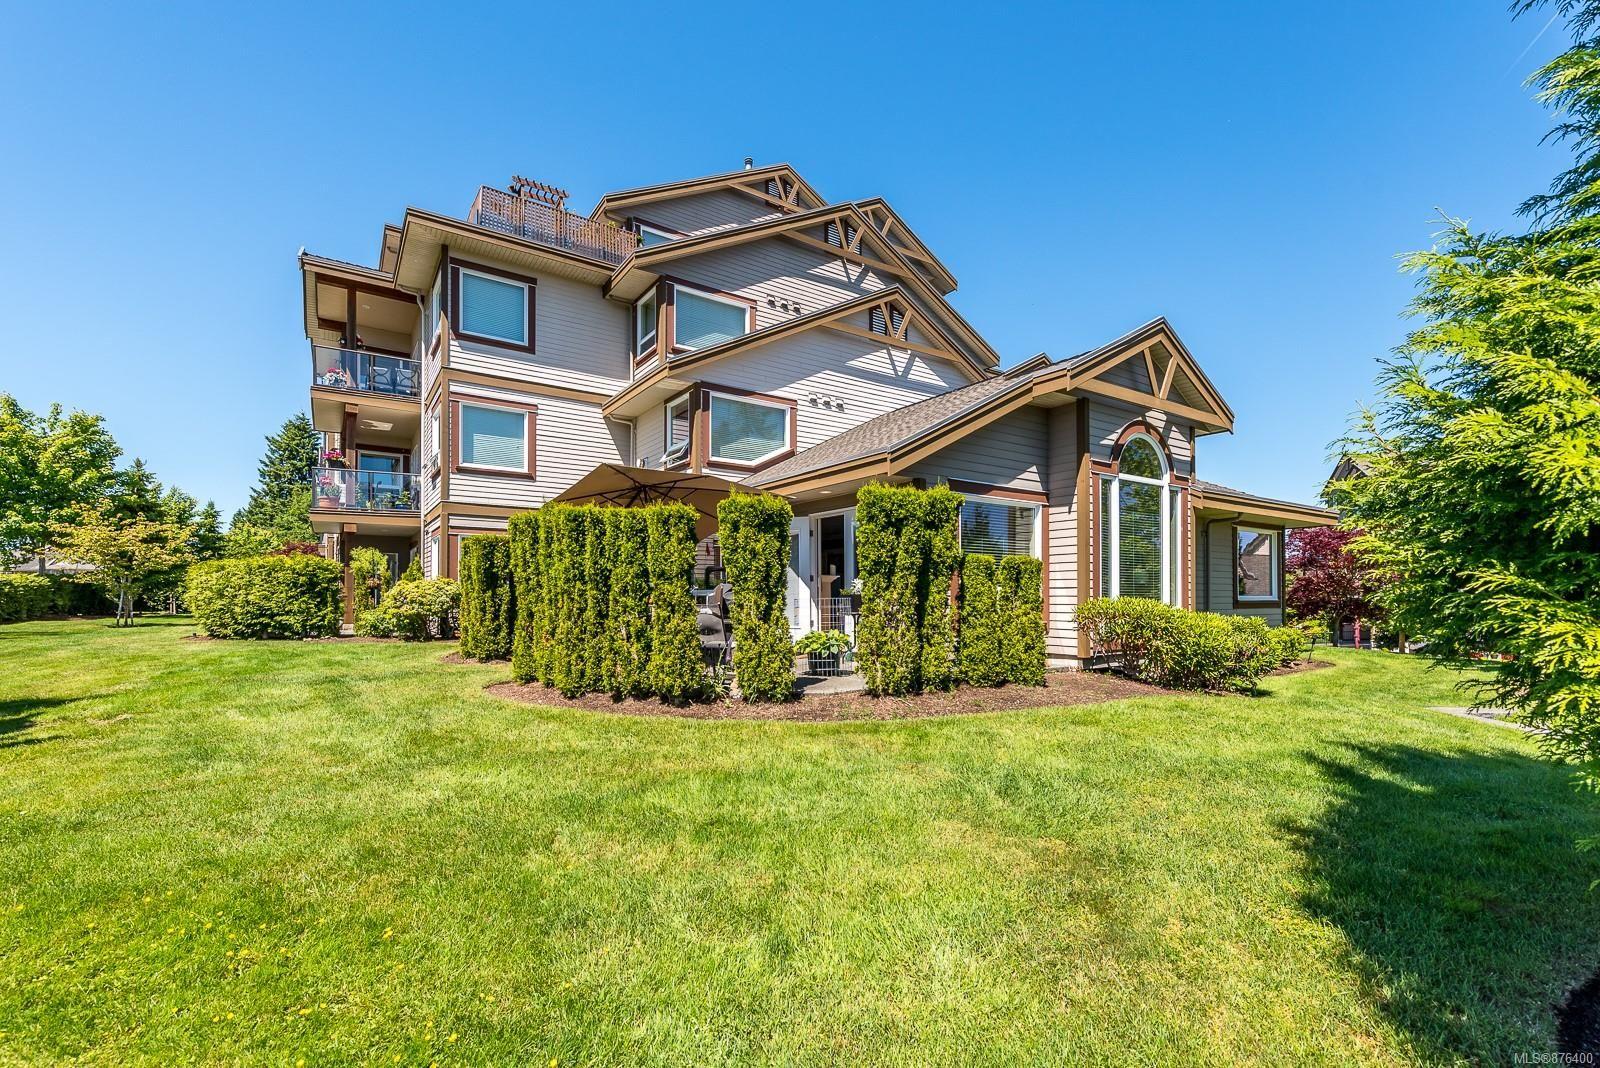 Main Photo: 412 3666 Royal Vista Way in : CV Crown Isle Condo for sale (Comox Valley)  : MLS®# 876400